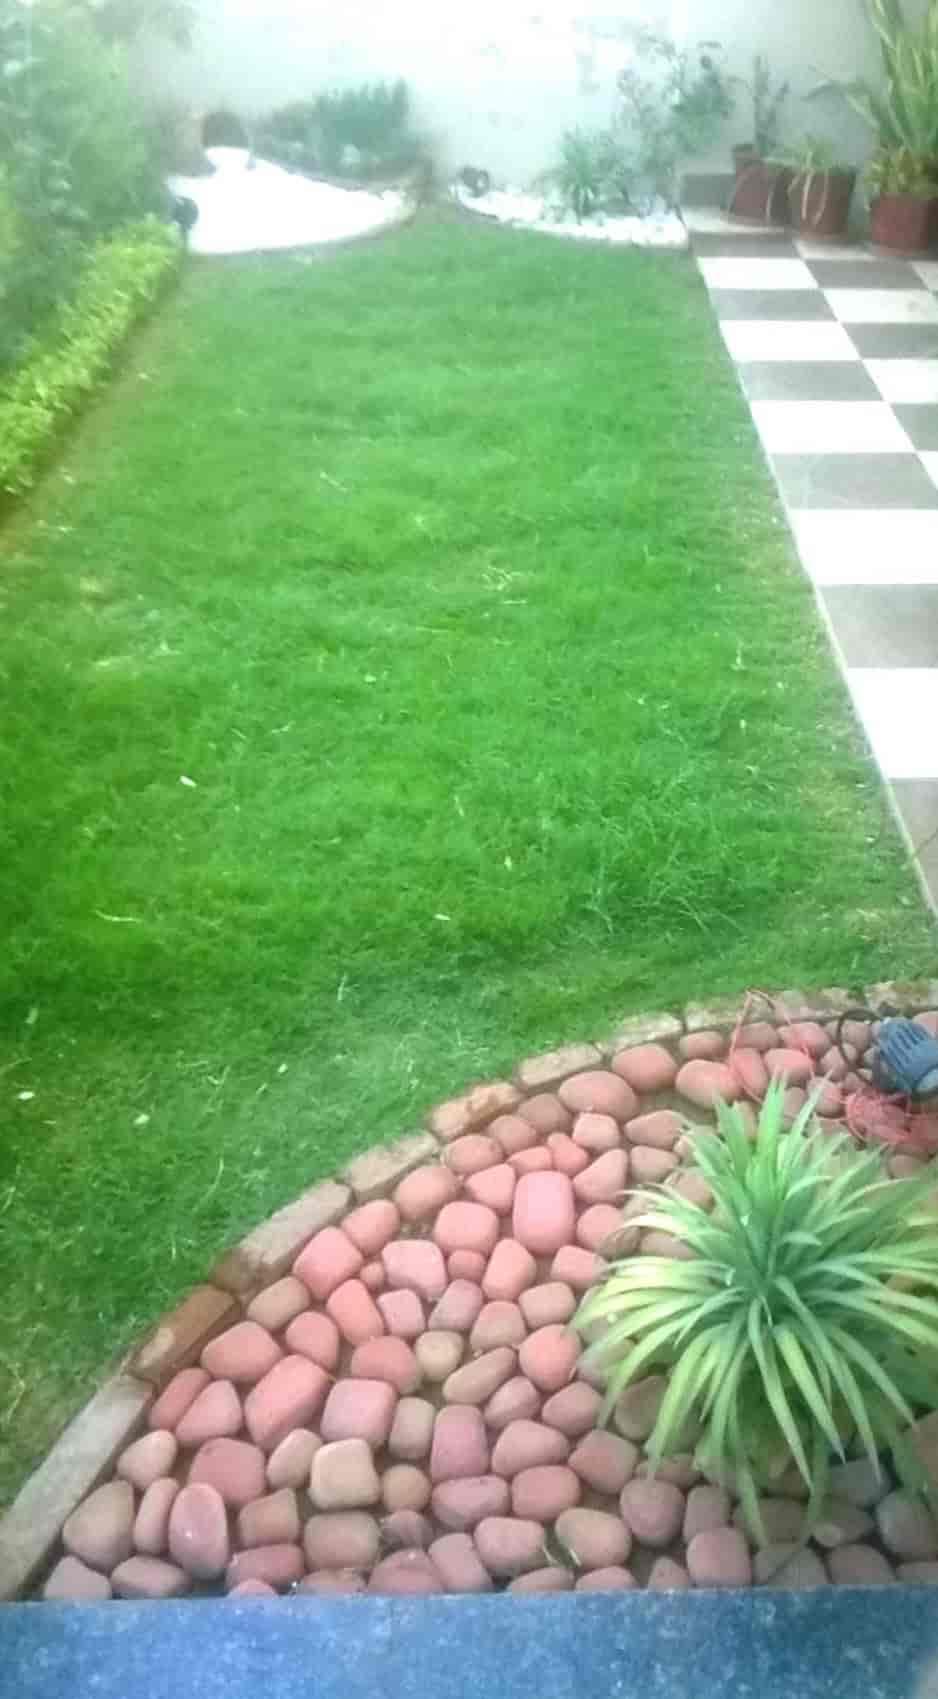 garden joy gardens and landscape photos gole ka mandir gwalior garden contractors - Garden Joy